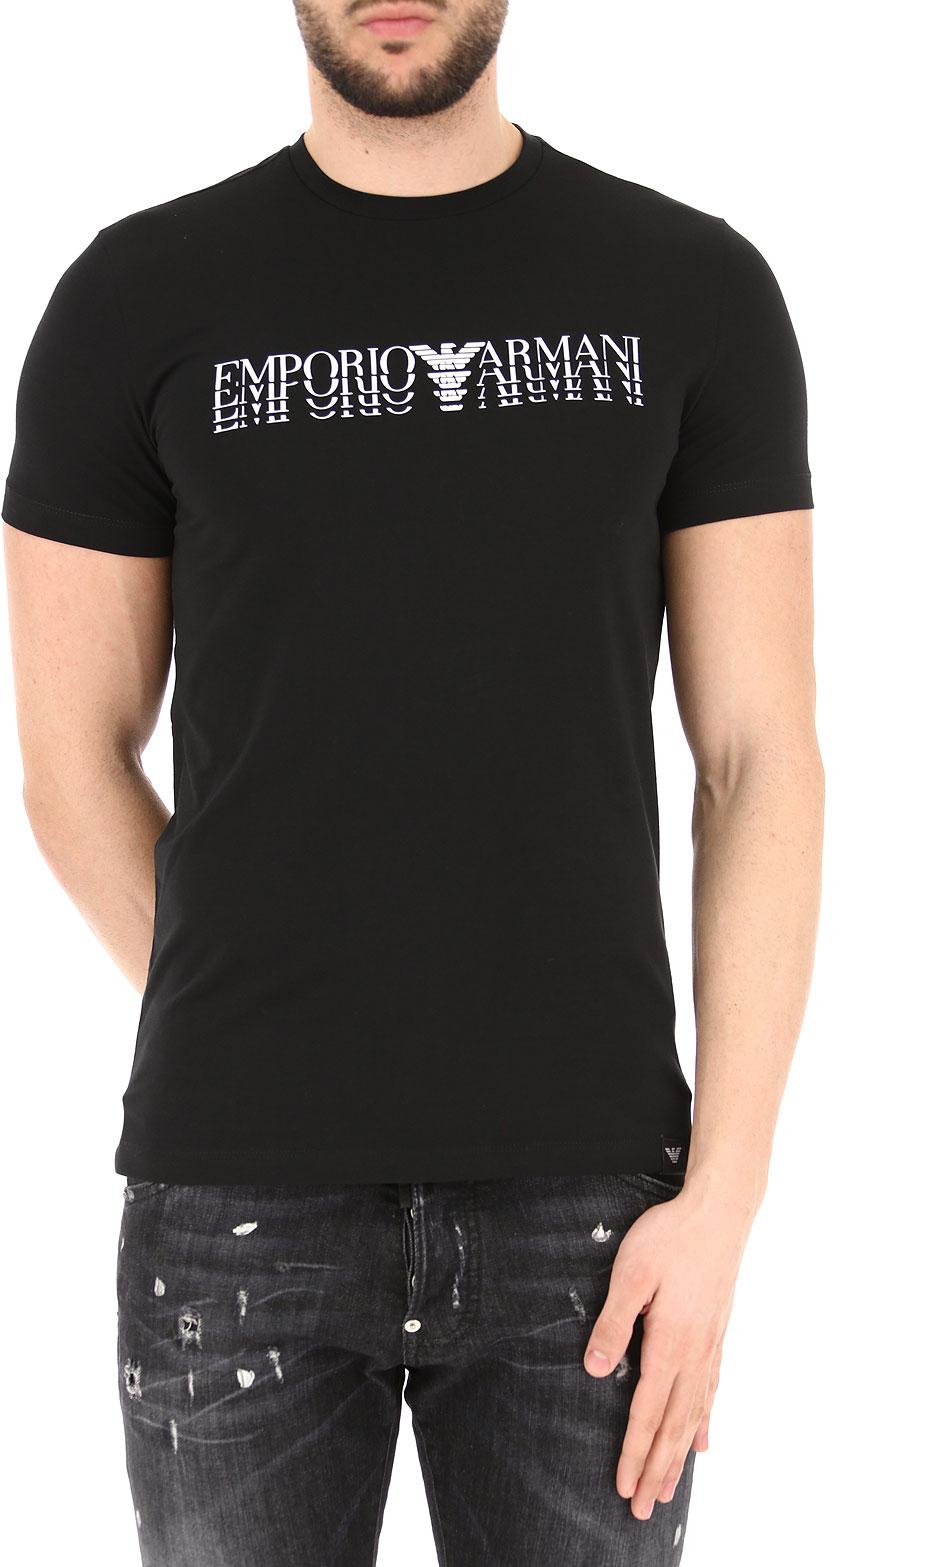 De Armani Pour HommesNuméro 3z1t92 Vêtements Pièce0999 Emporio 1j0az WE9DHIY2